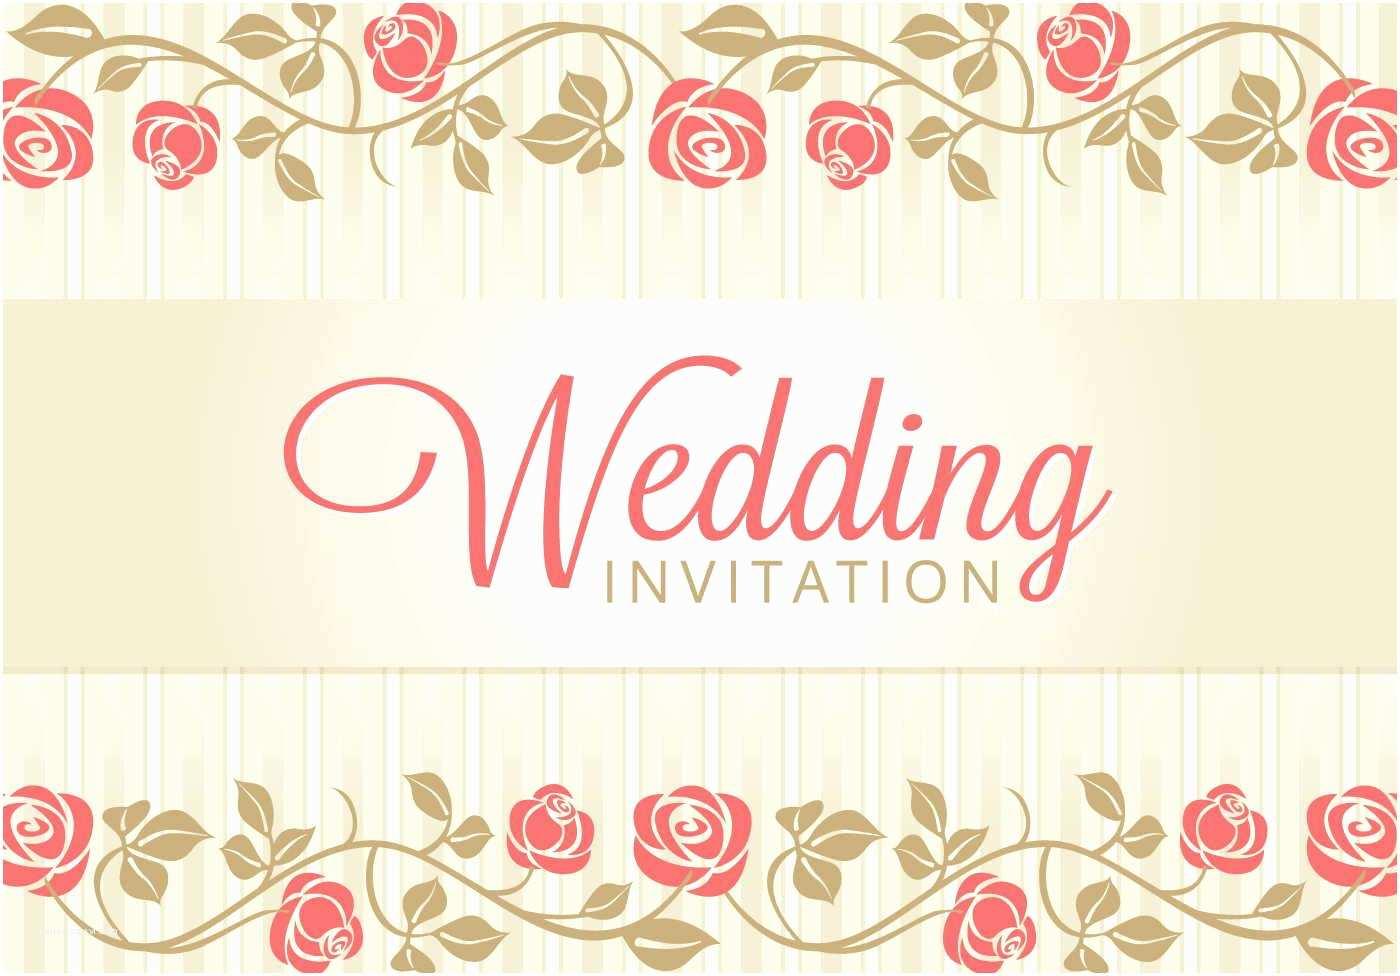 Wedding Invitation Design Images Vintage Wedding Backgrounds